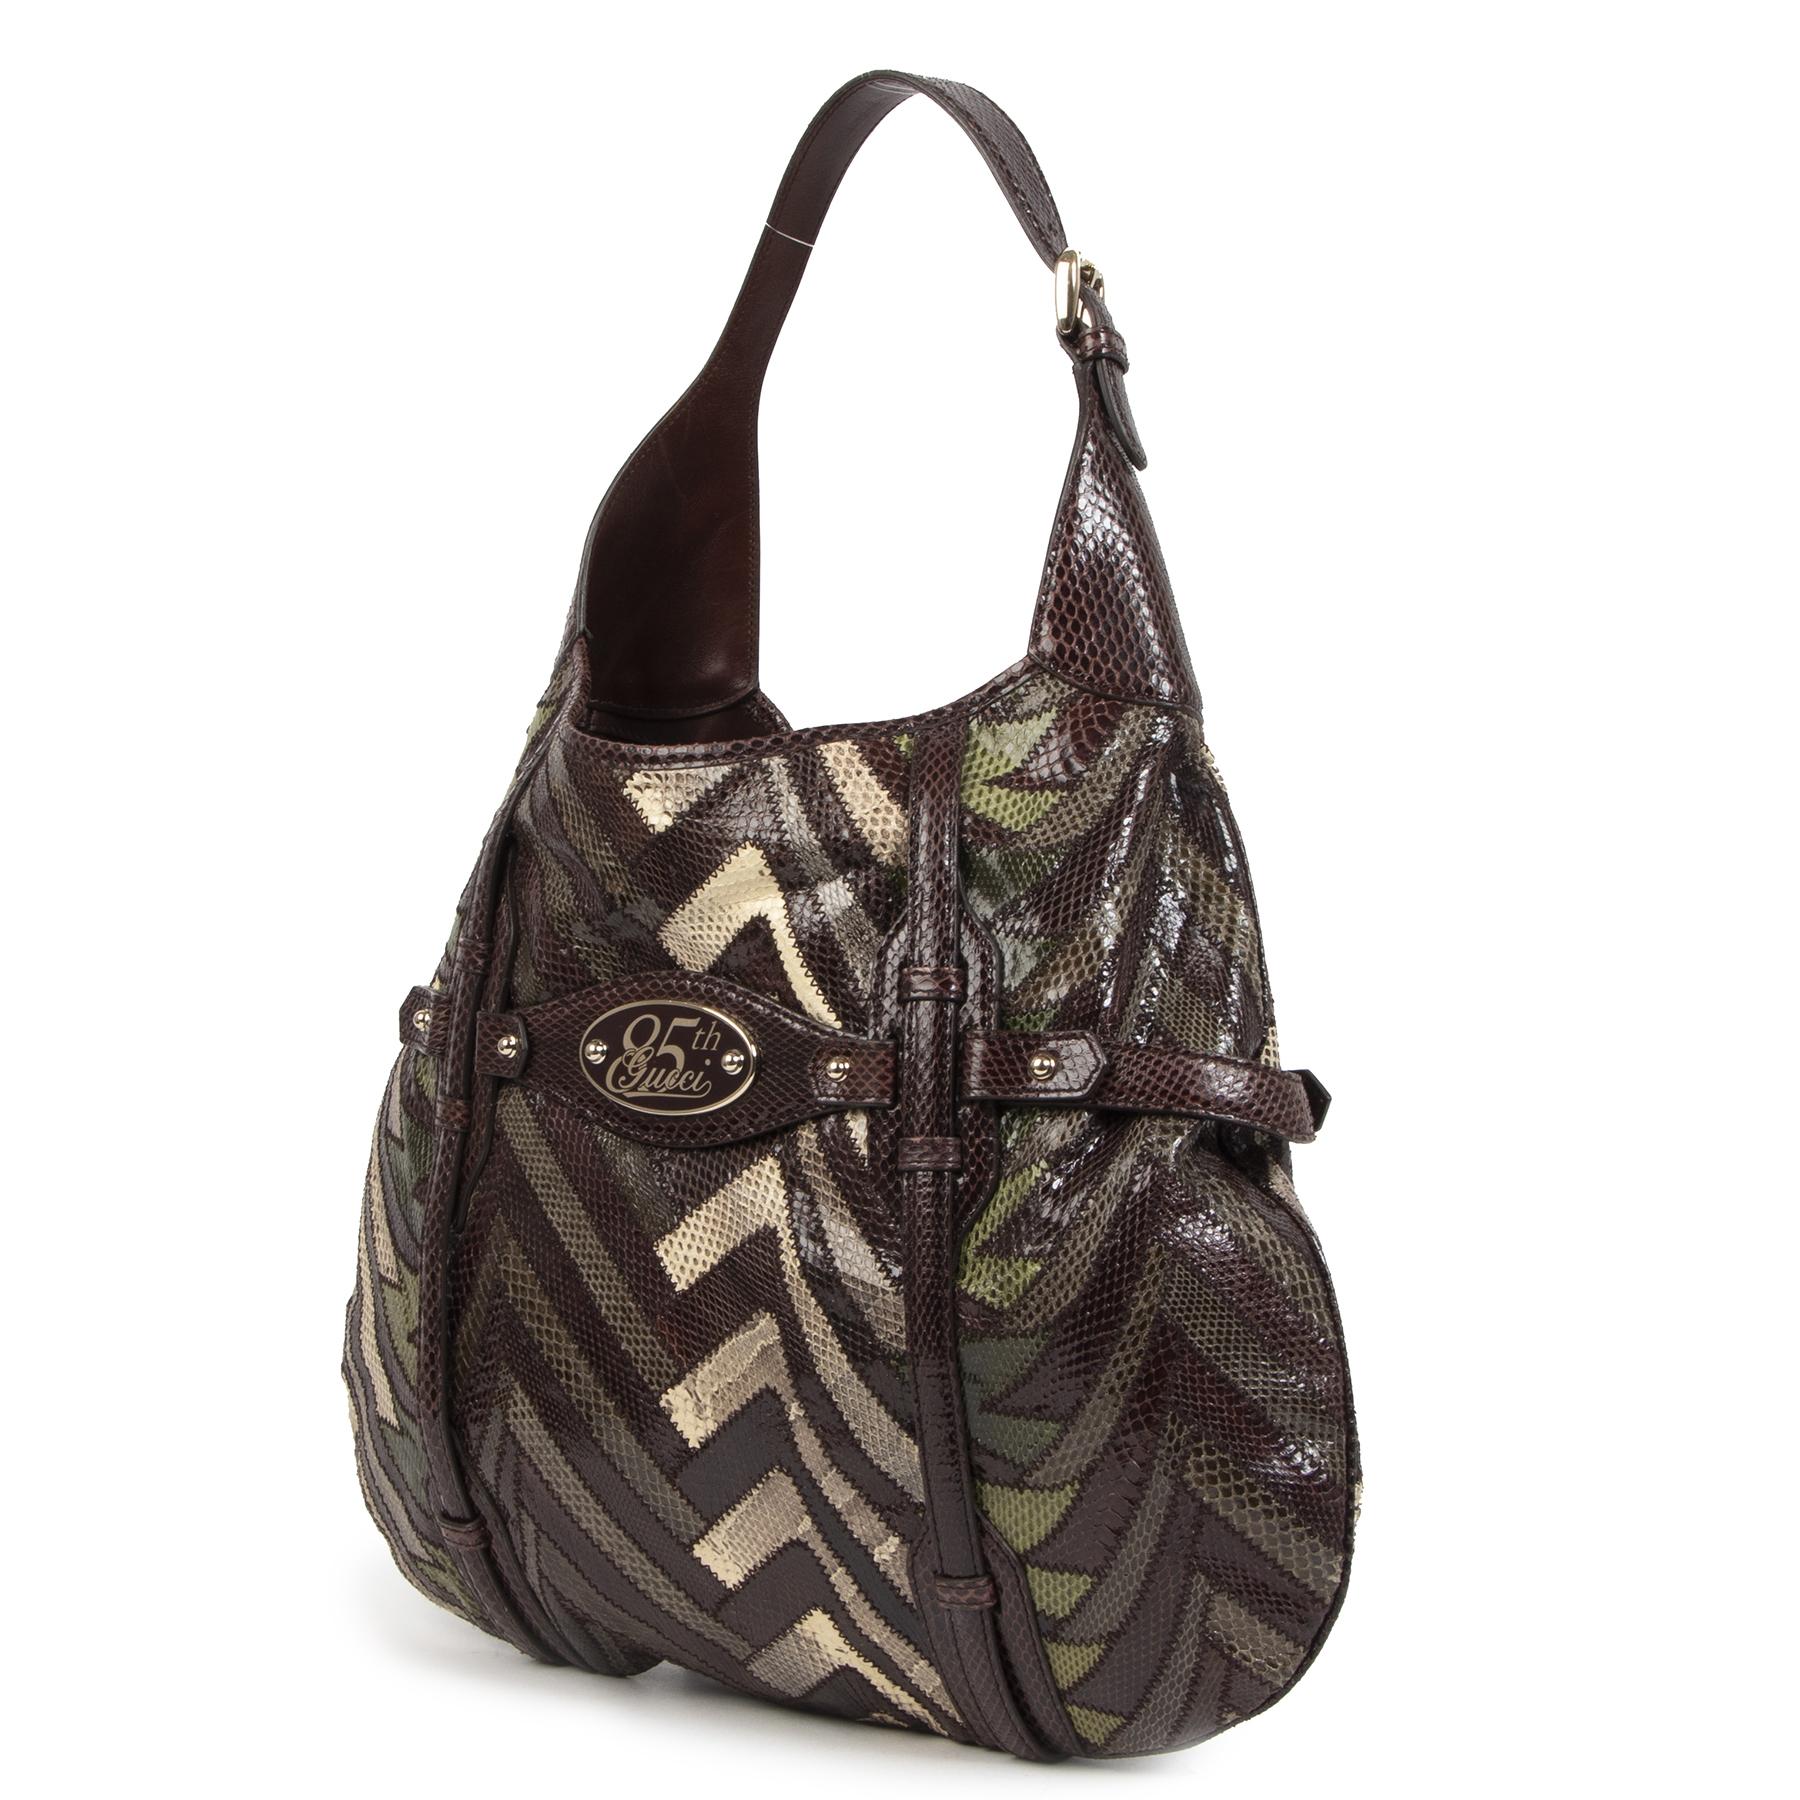 Authentieke Tweedehands Gucci 85th Anniversary Limited Edition Python Horsebit Hobo juiste prijs veilig online shoppen luxe merken webshop winkelen Antwerpen België mode fashion